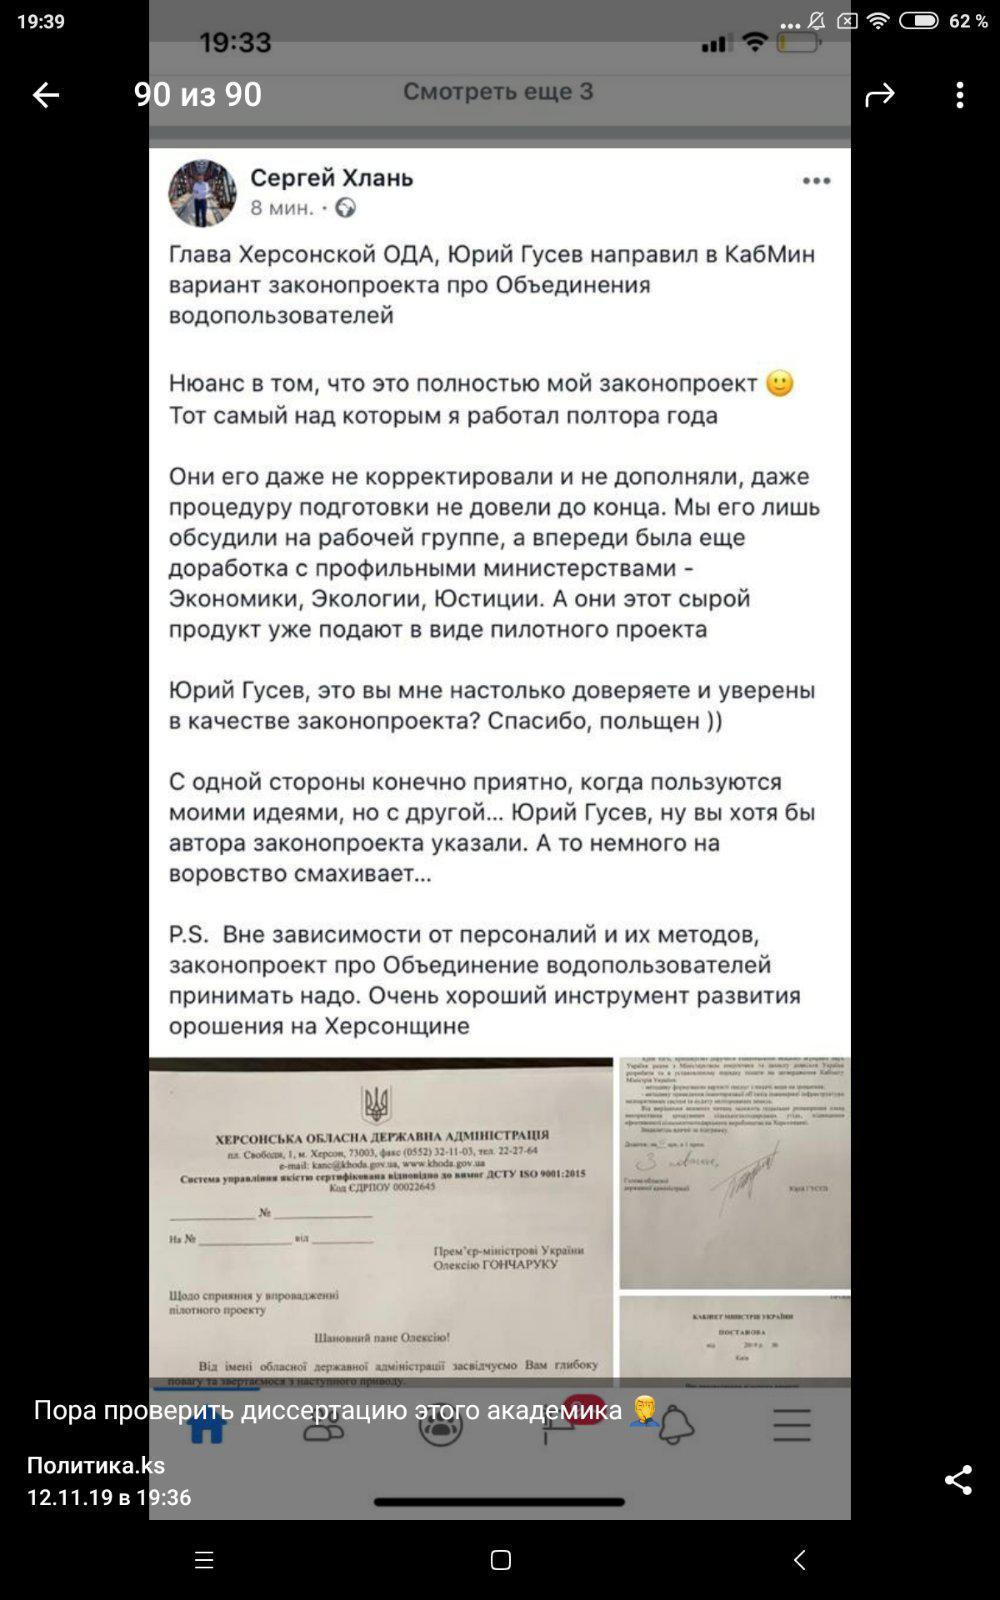 Юрий Гусев подал в Кабмин написанный другим законопроект: «на воровство смахивает»